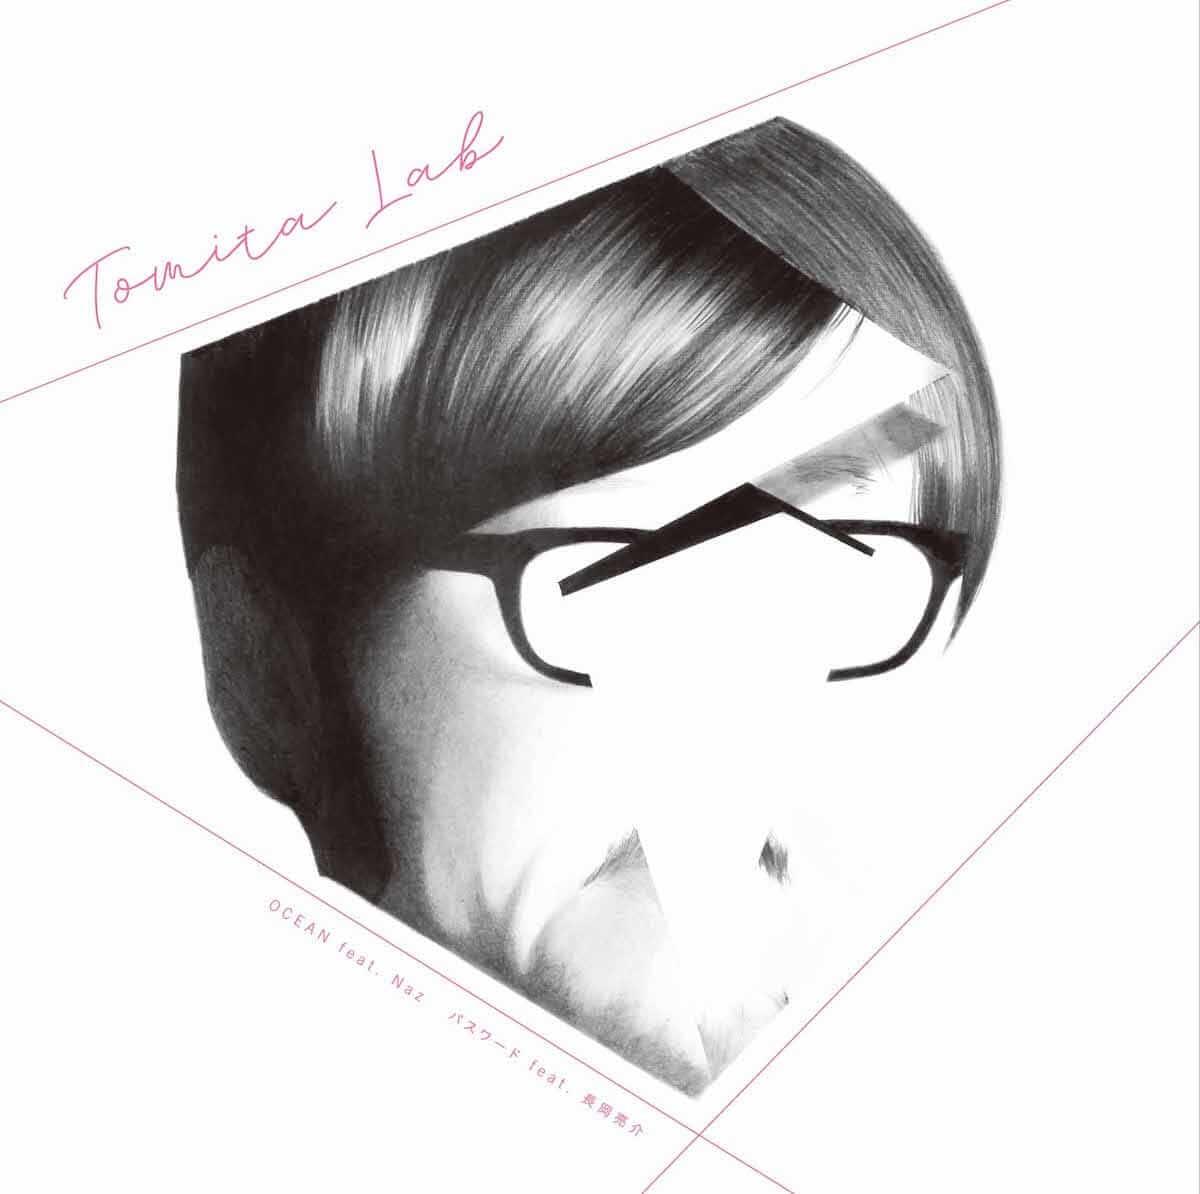 冨田ラボが2018年も始動|長岡亮介とNazが参加の両A面シングルを8月にリリース&11月にはワンマンライブも music180704_tomitalab_1-1200x1194